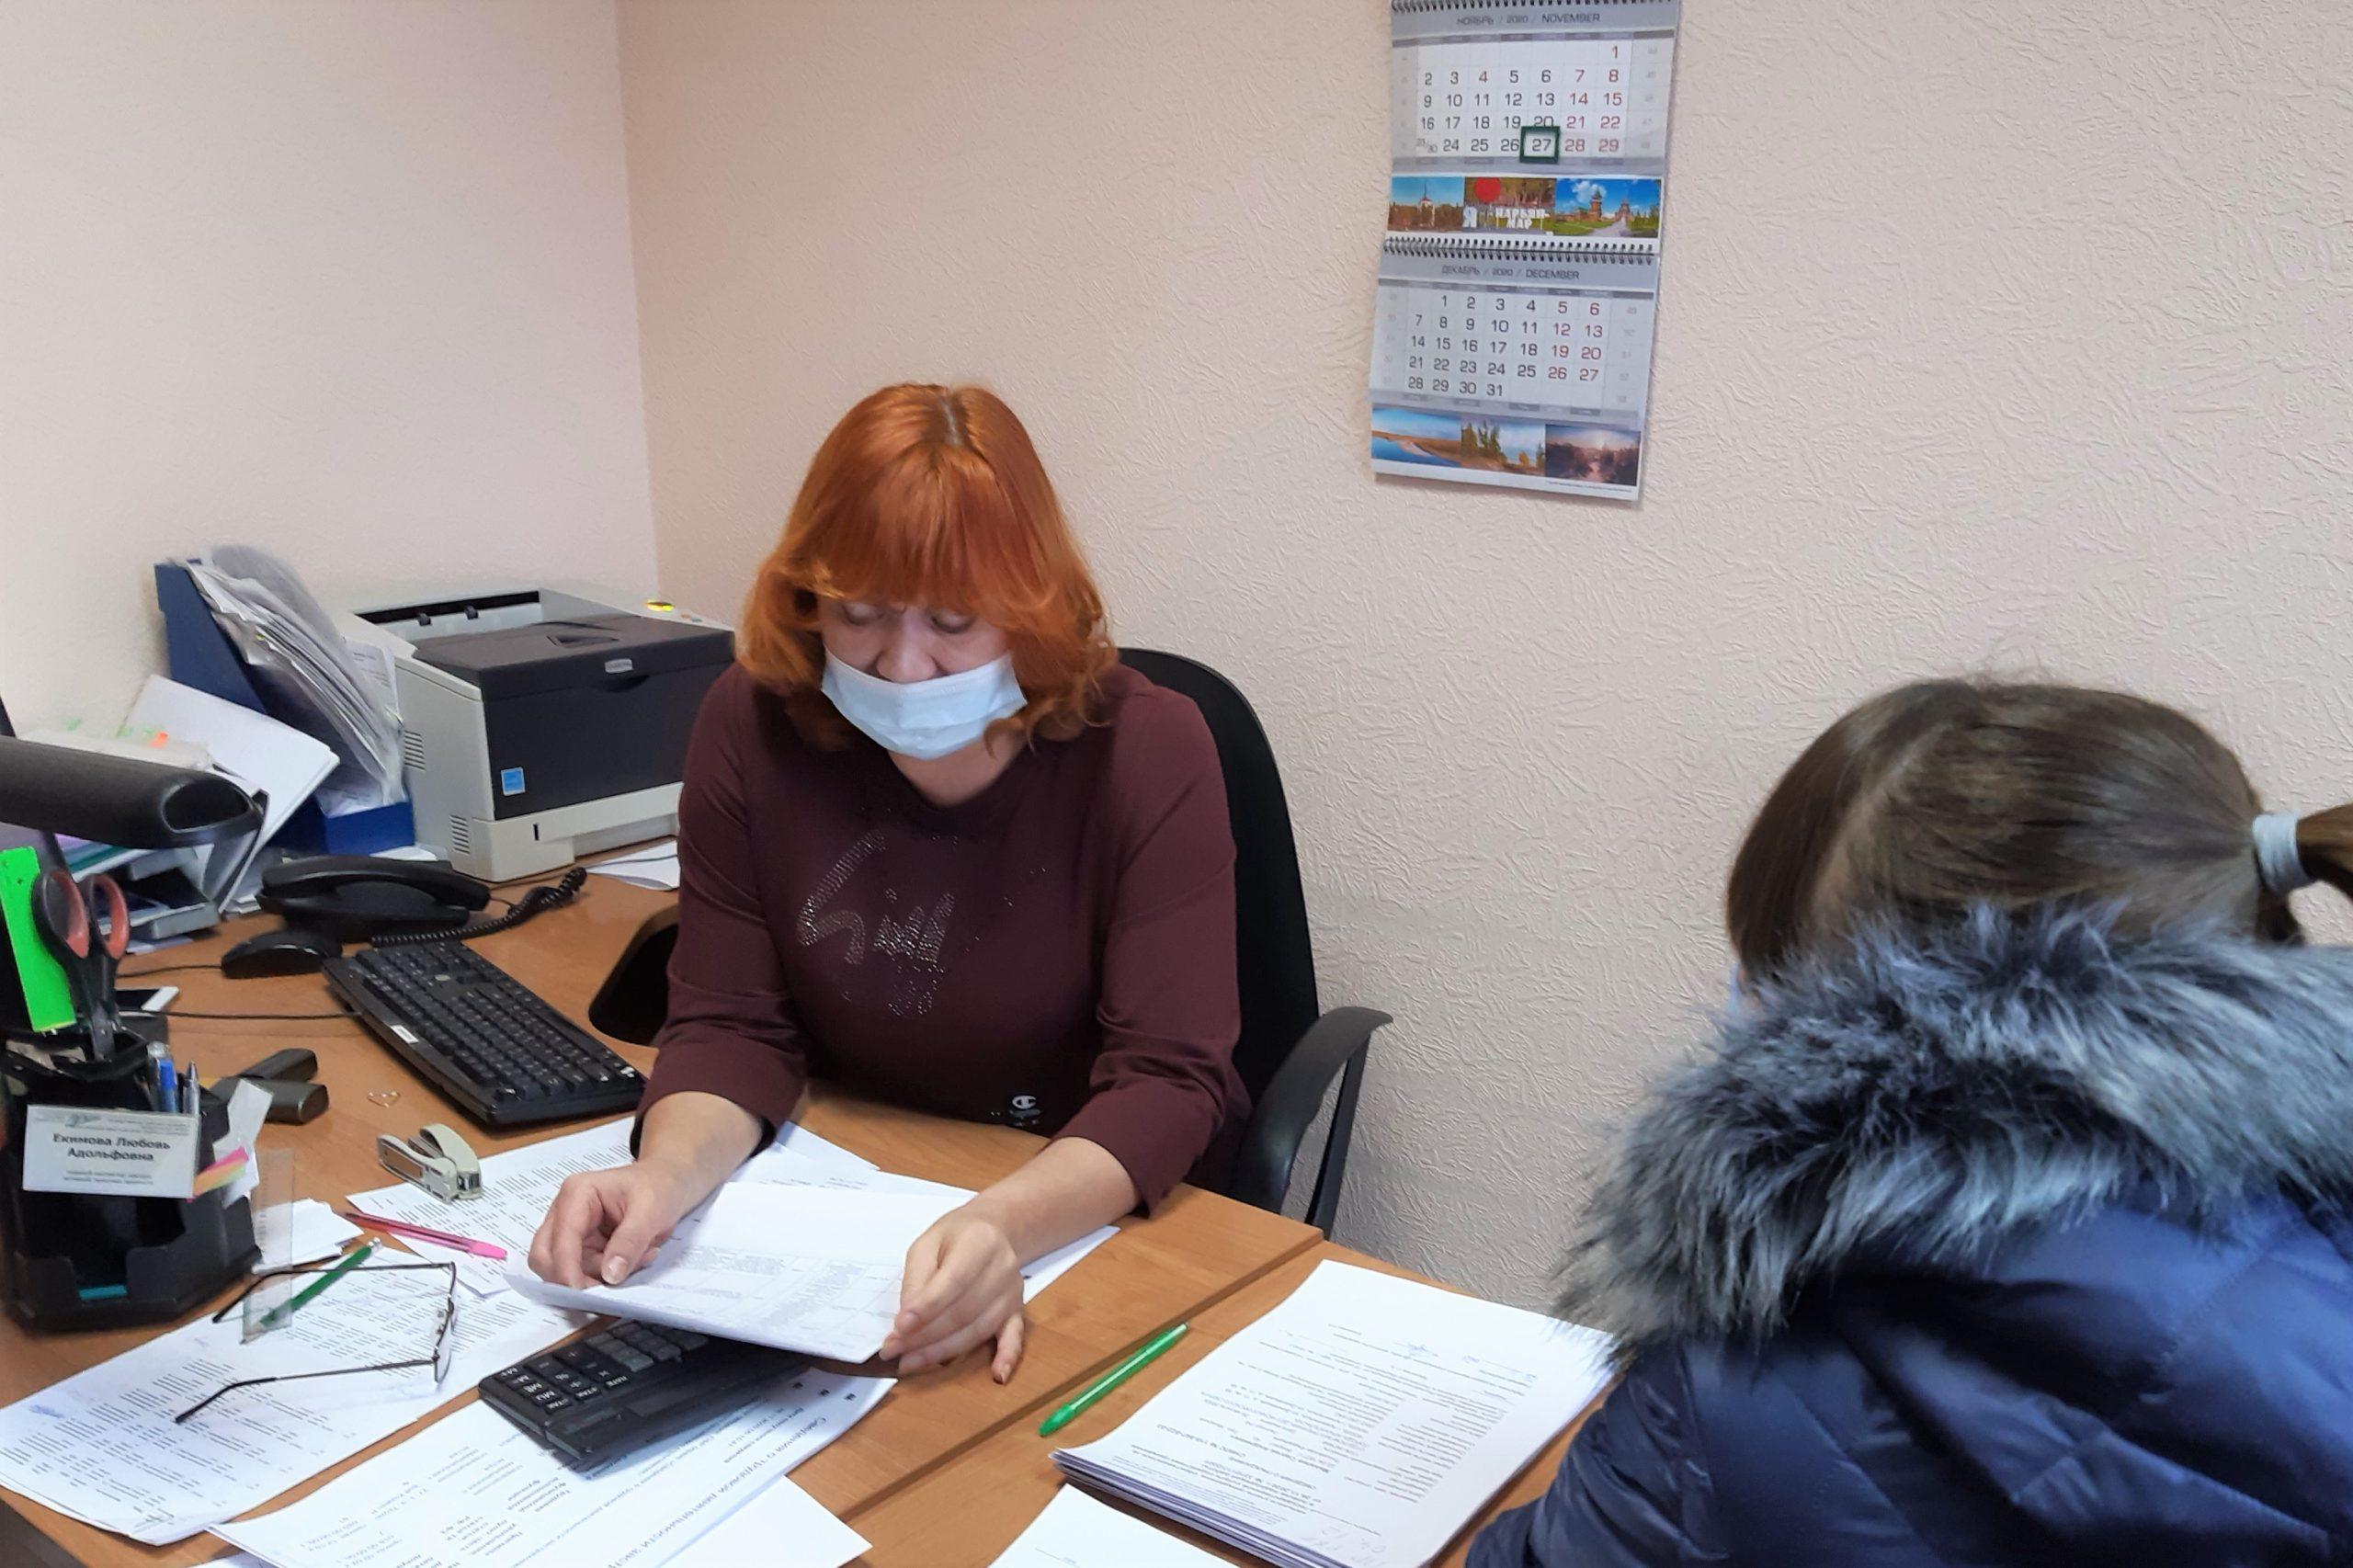 В Архангельском отделении занятости прошло мероприятие, посвящённое Дню Матери